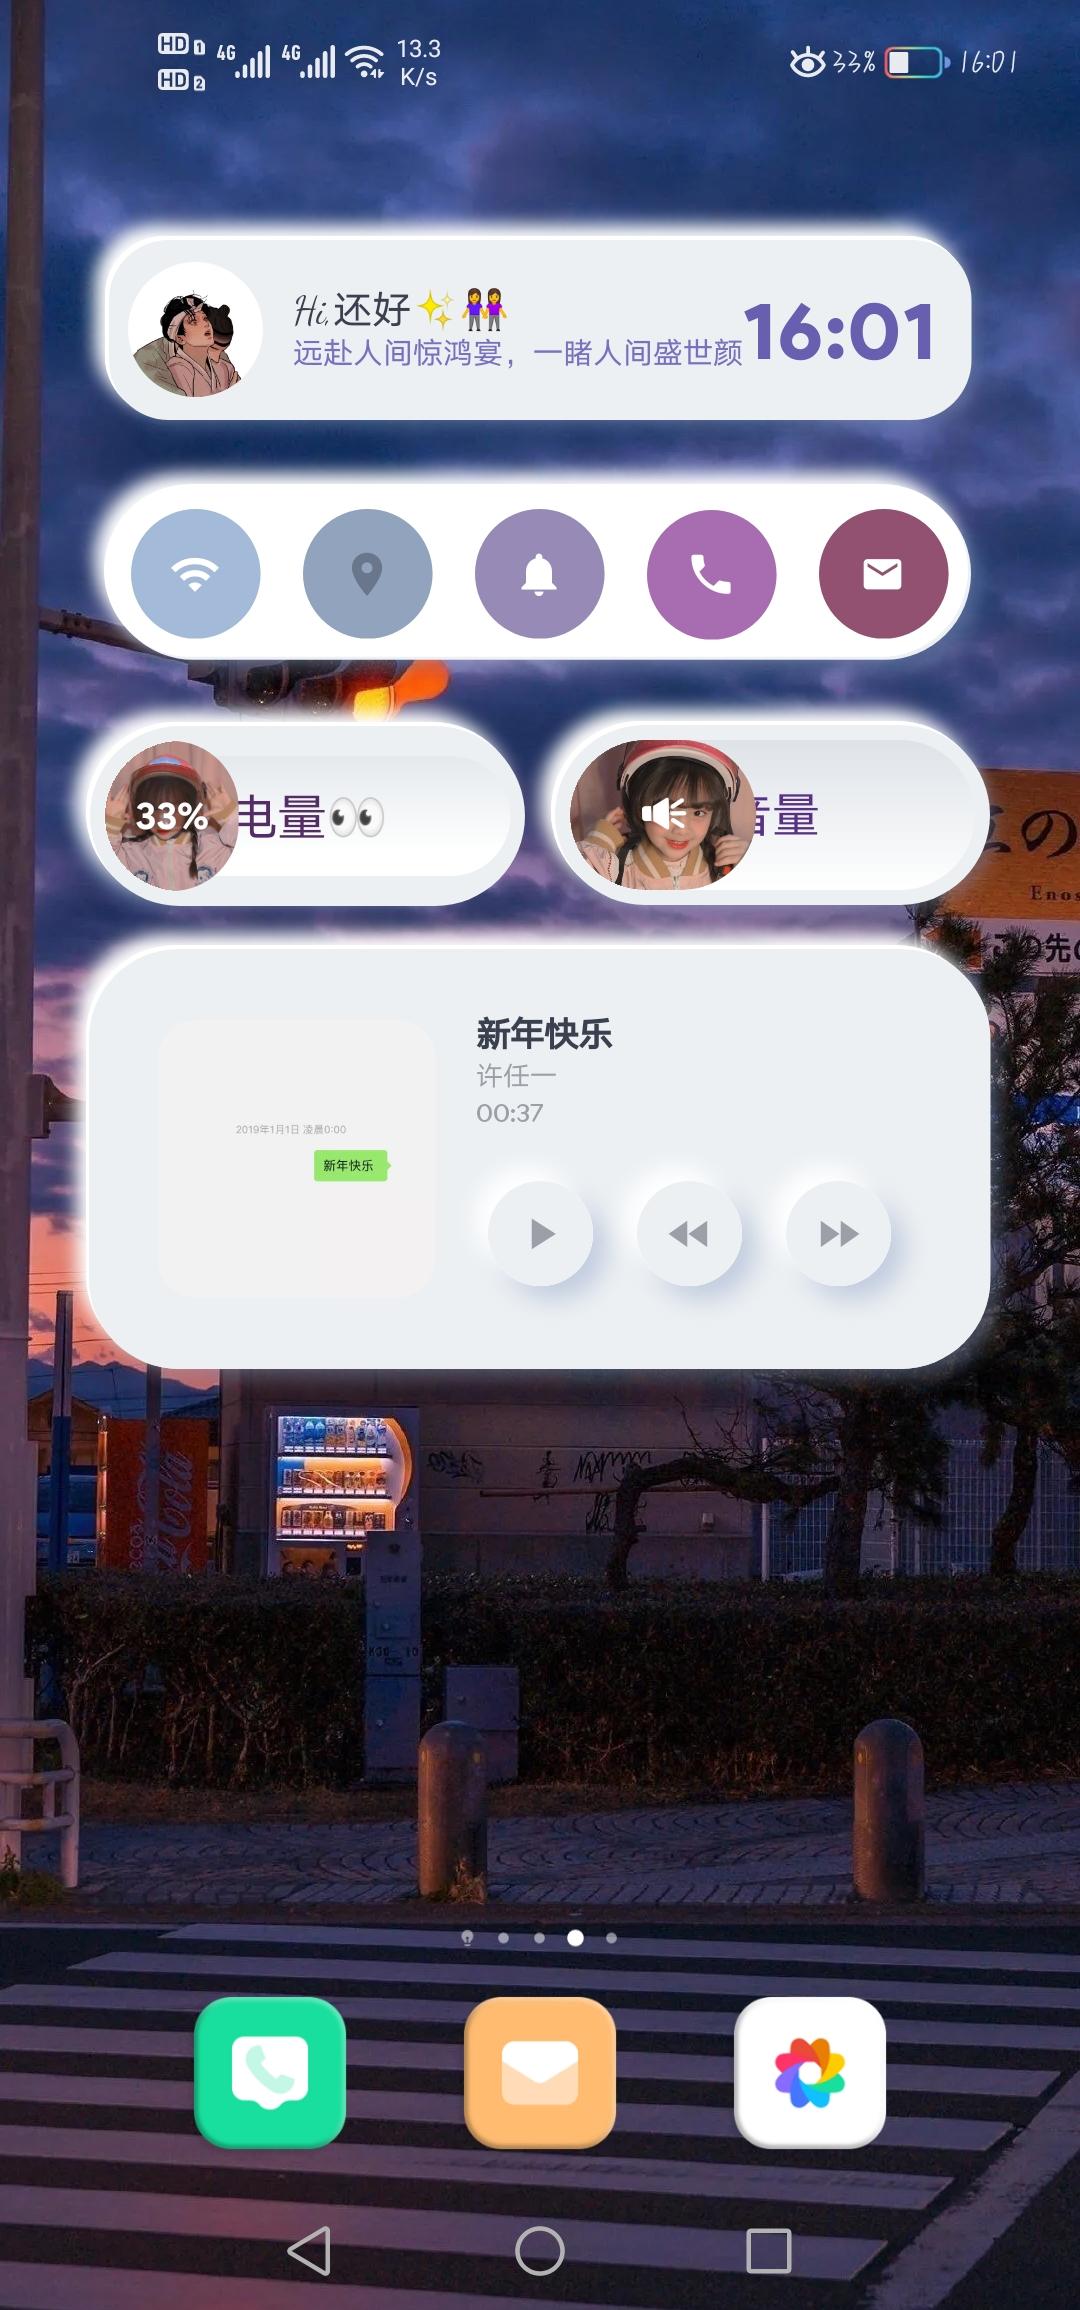 Screenshot_20200518_160129_com.huawei.android.launcher.jpg